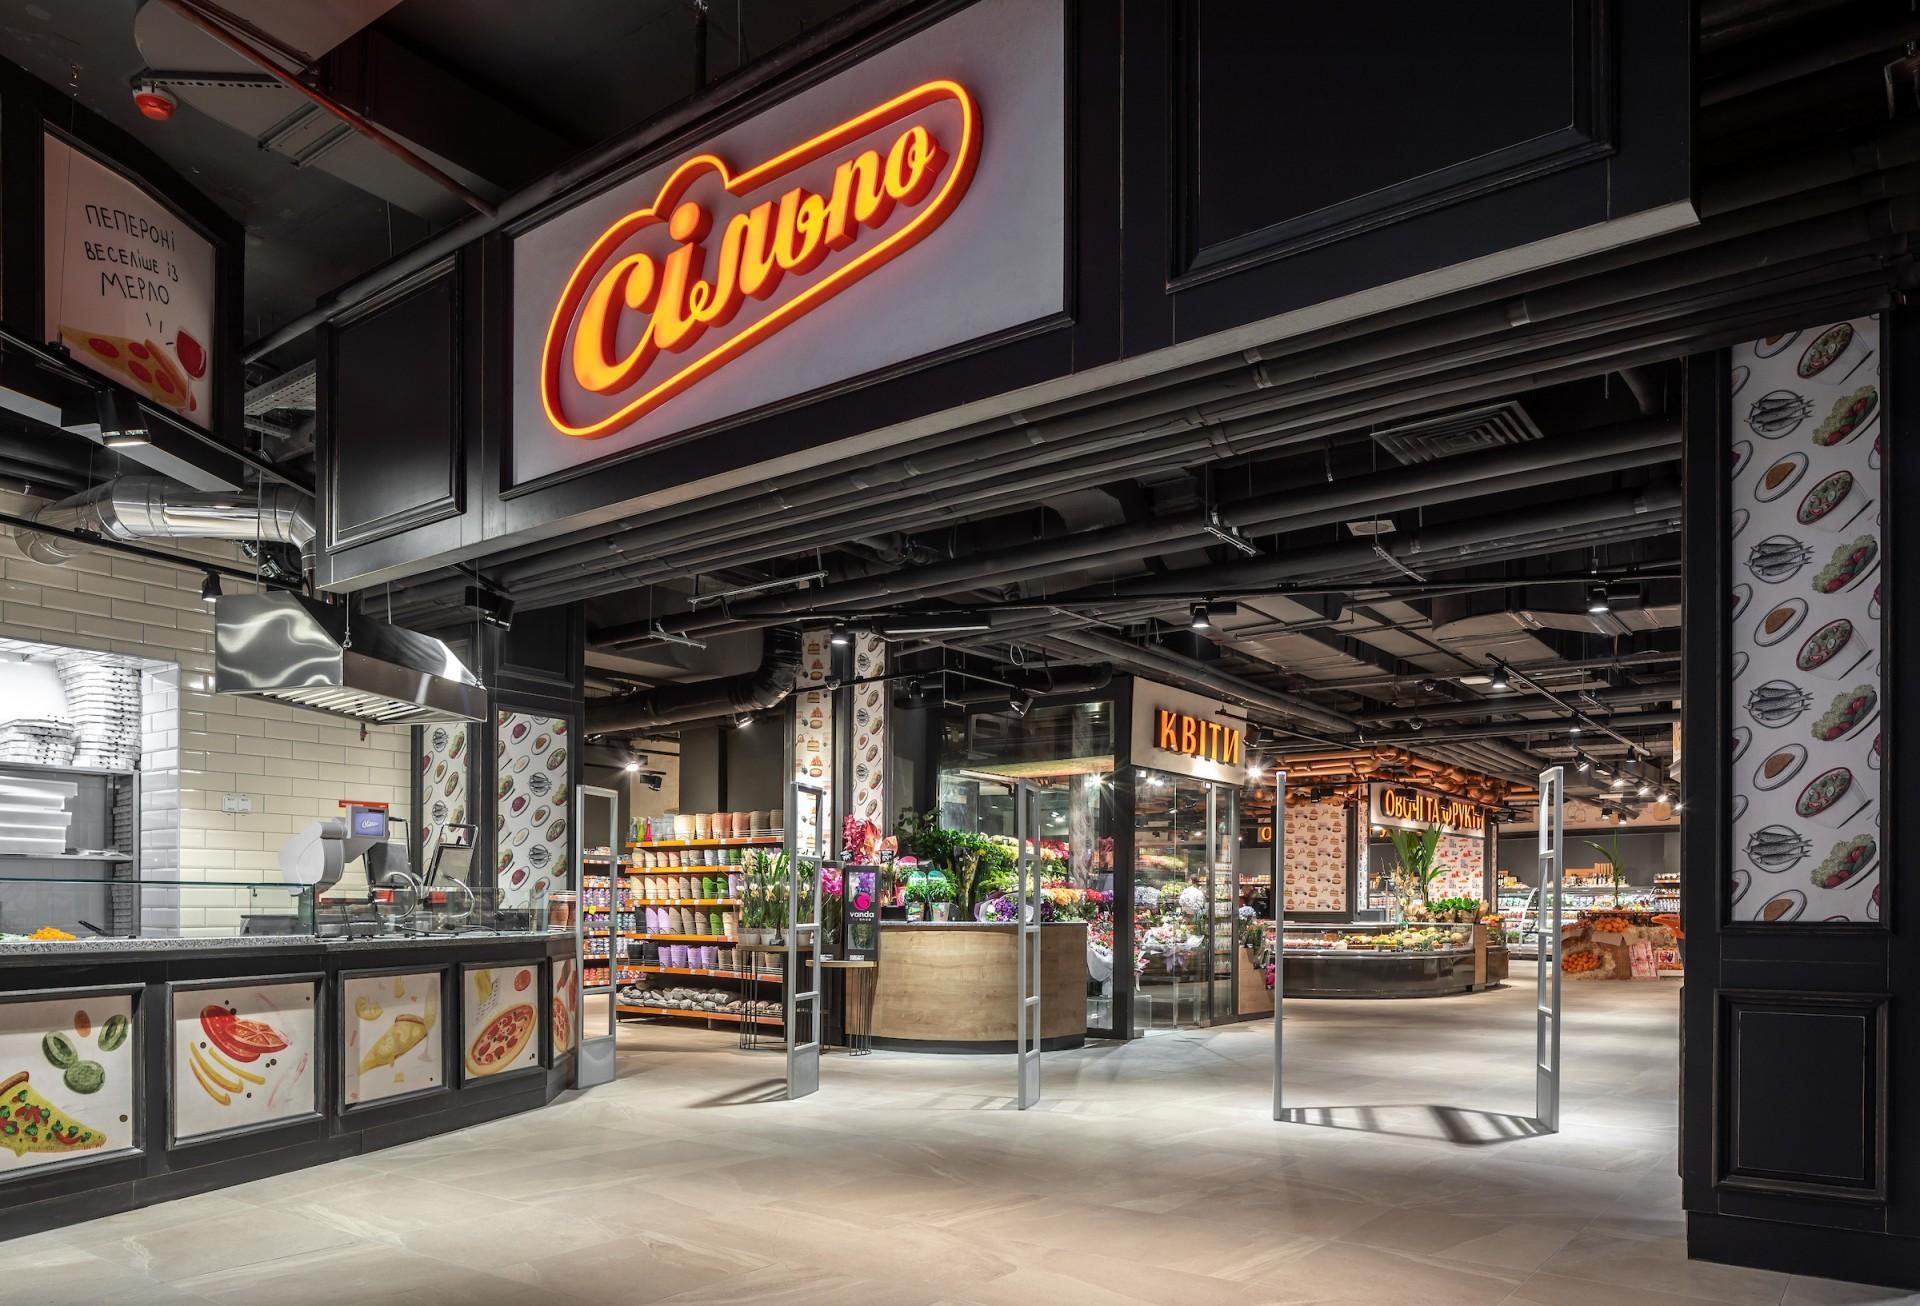 Супермаркет розмістився на площі 2200 кв. м і пропонує відвідувачам понад  11 500 найменувань товару. В асортименті магазину представлено свіже і  делікатесне ... 6c7fece794b21